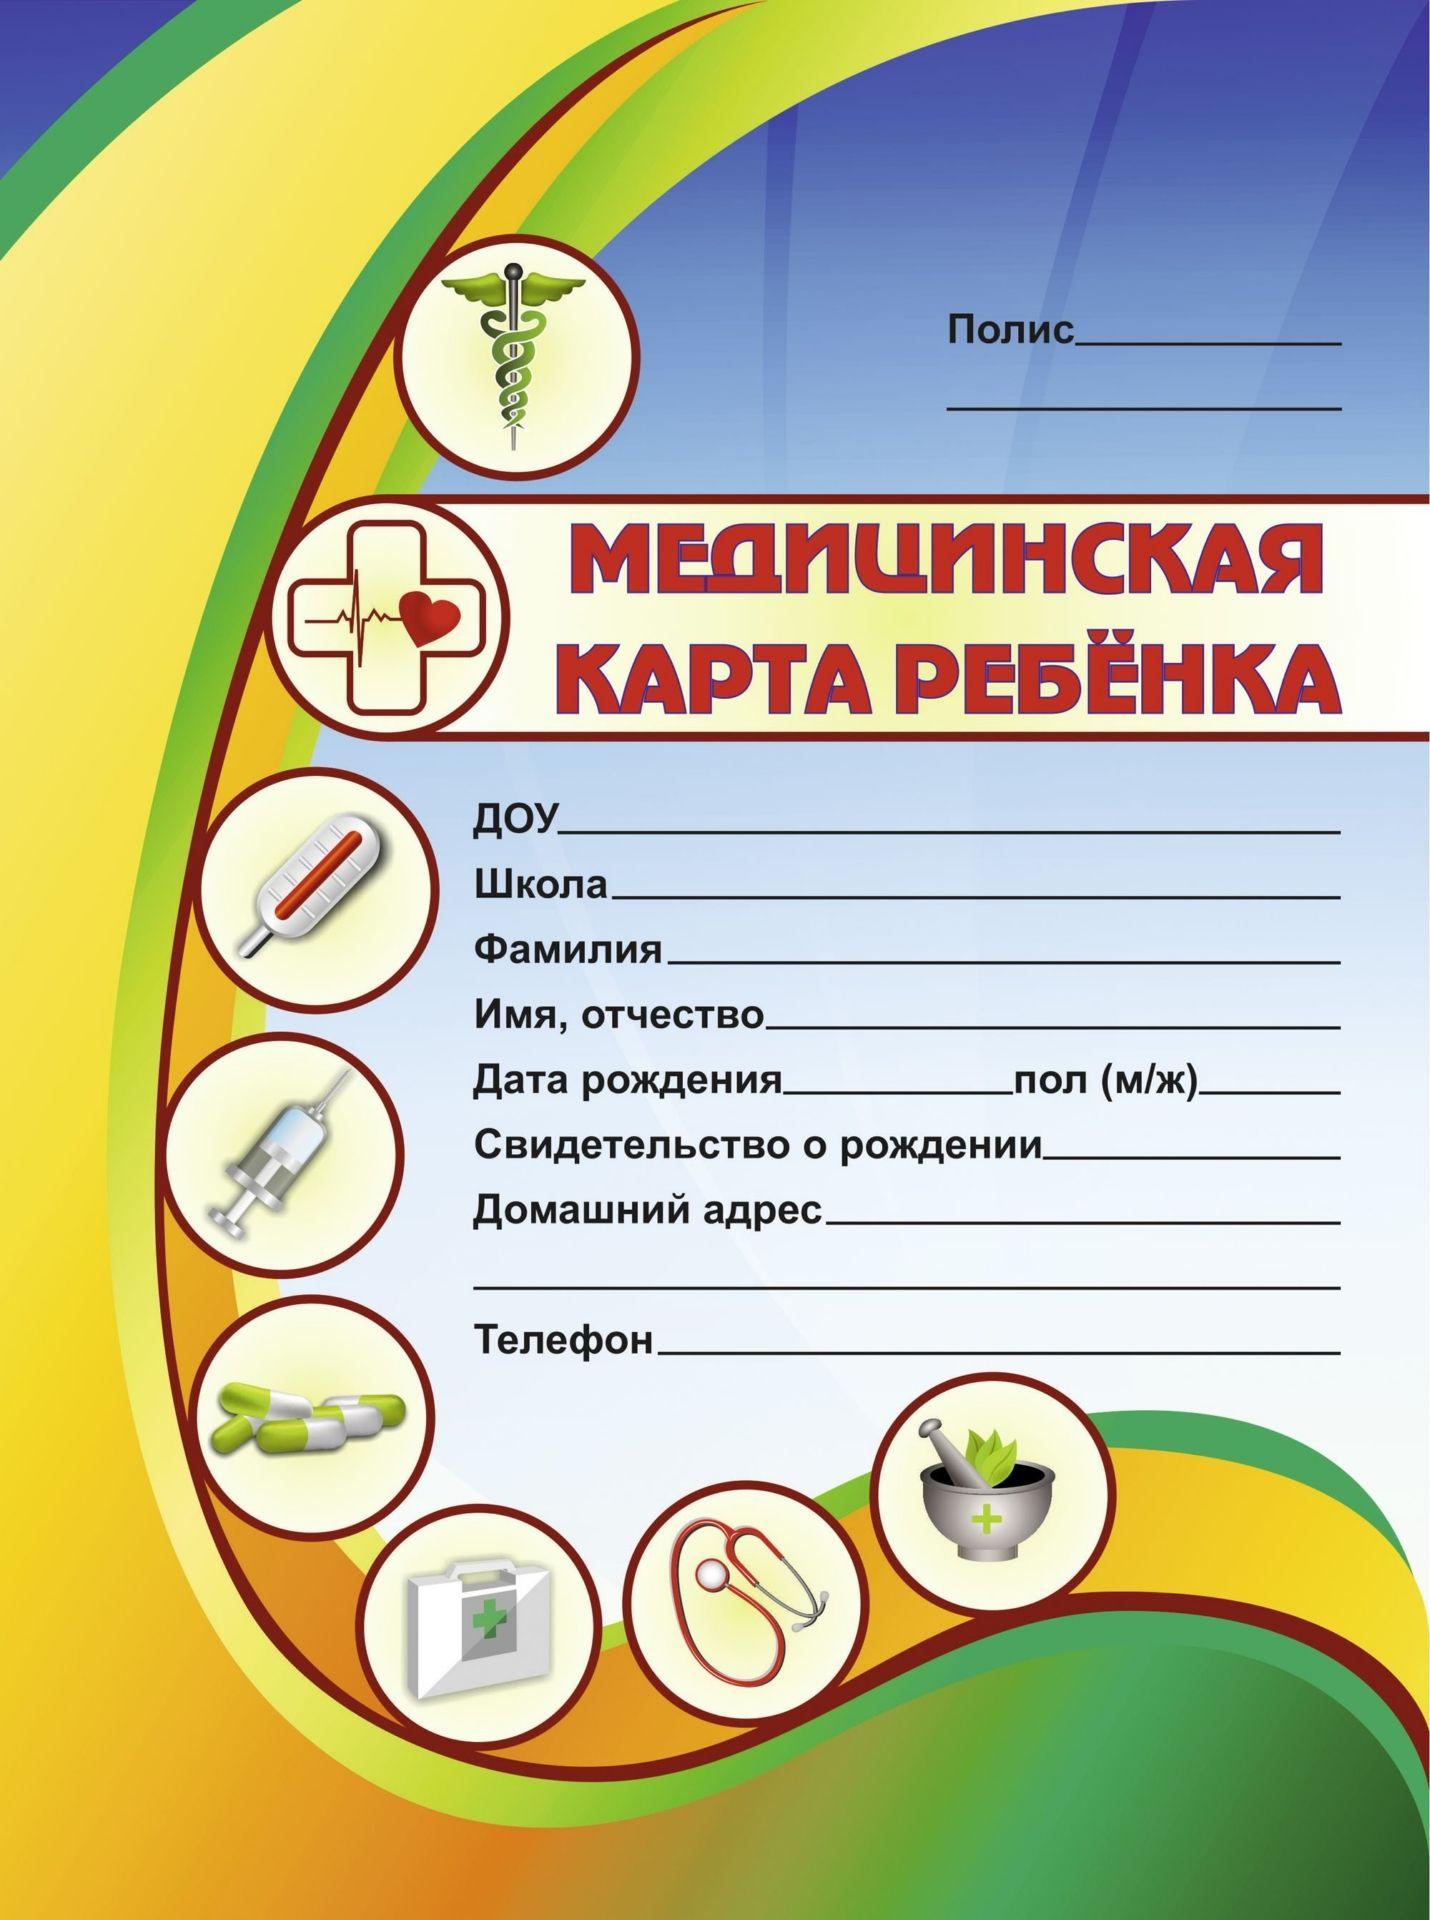 Медицинская карта ребёнкаМедицинские карты и журналы здоровья<br>медицинская карта ребенка, медицинская карта, бланк, учетная форма, медицинское учреждение, амбулаторное лечение, стационарное лечение, профилактика здоровья ребенка, диагностика болезней, Минздрав России, поликлиника, участок, медицинская помощь, пациент...<br><br>Год: 2018<br>Высота: 285<br>Ширина: 203<br>Толщина: 3<br>Переплёт: мягкая, скрепка